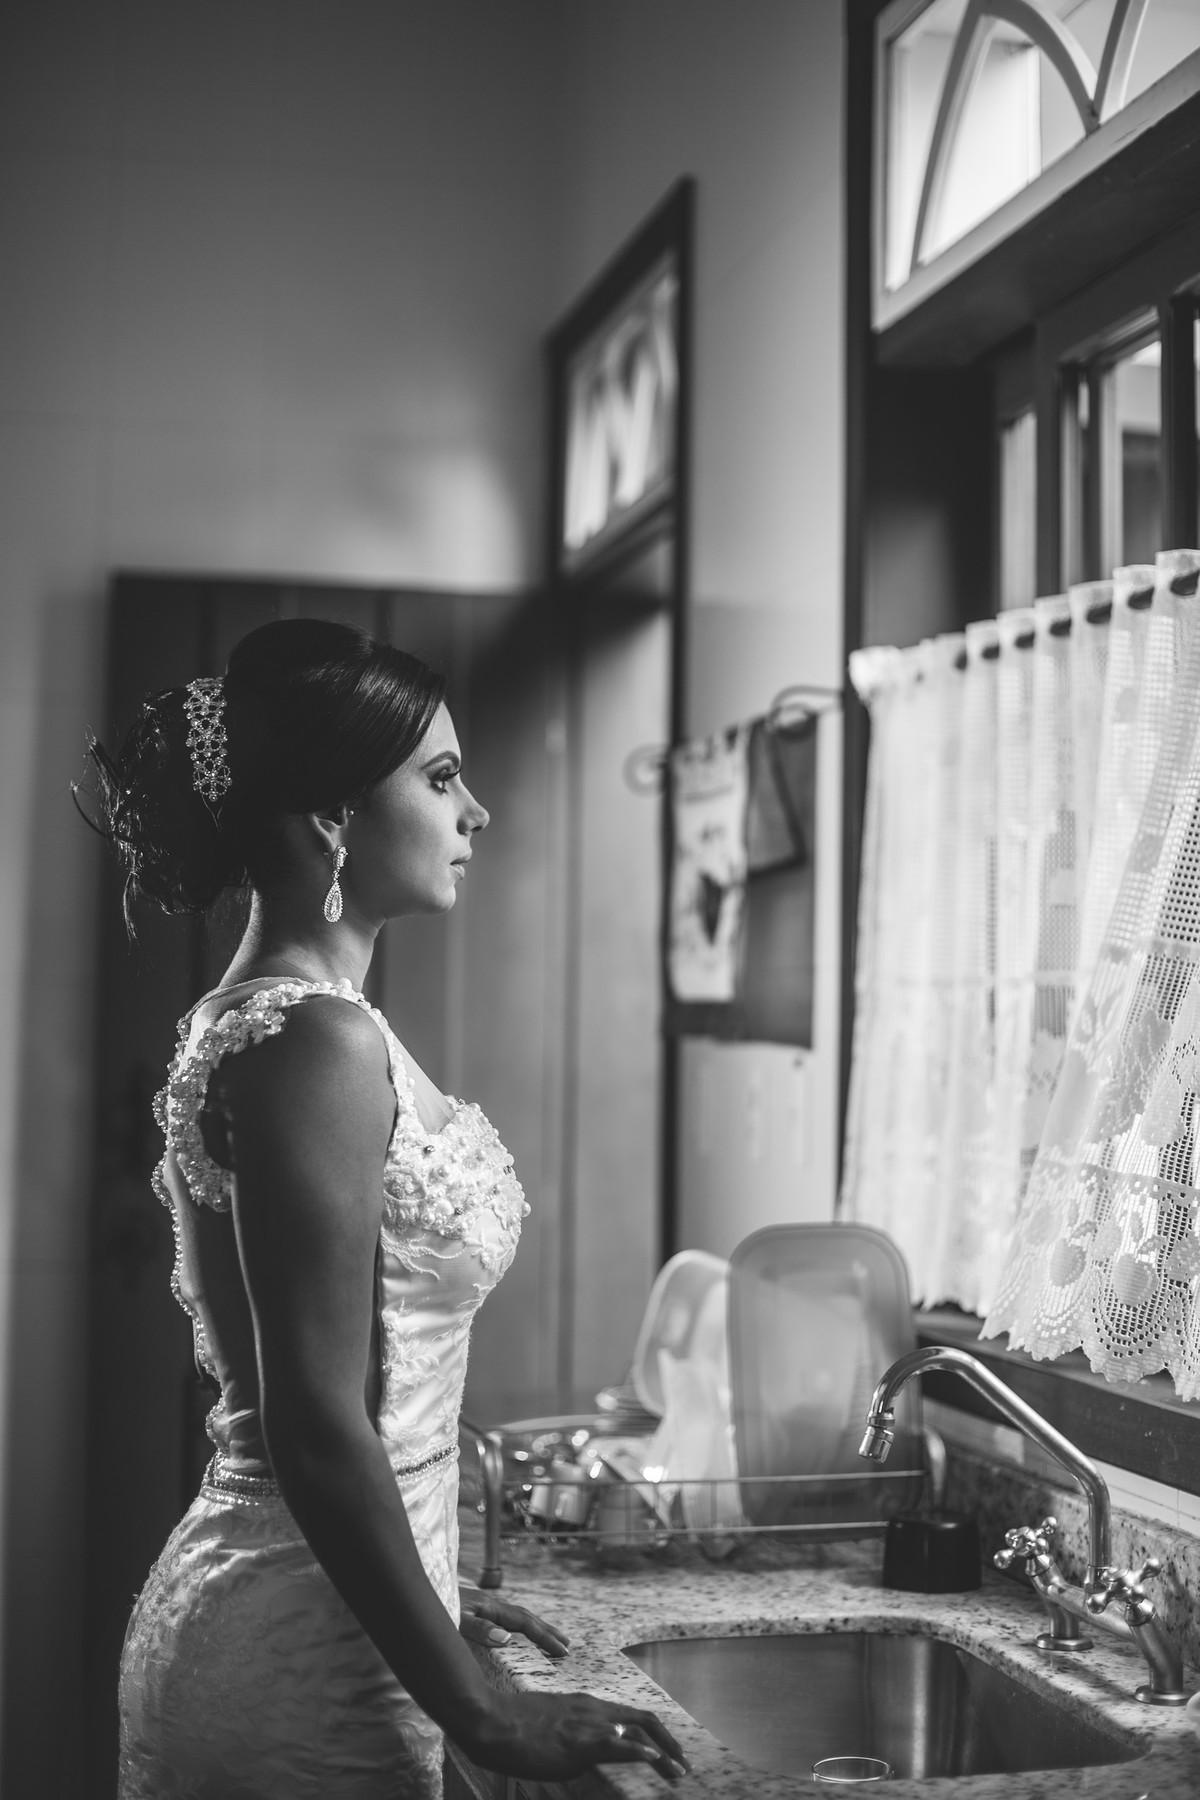 Noiva olhando pela janela da cozinha foto feita pelo fotógrafo Rafael Ohana em Paracatu-M